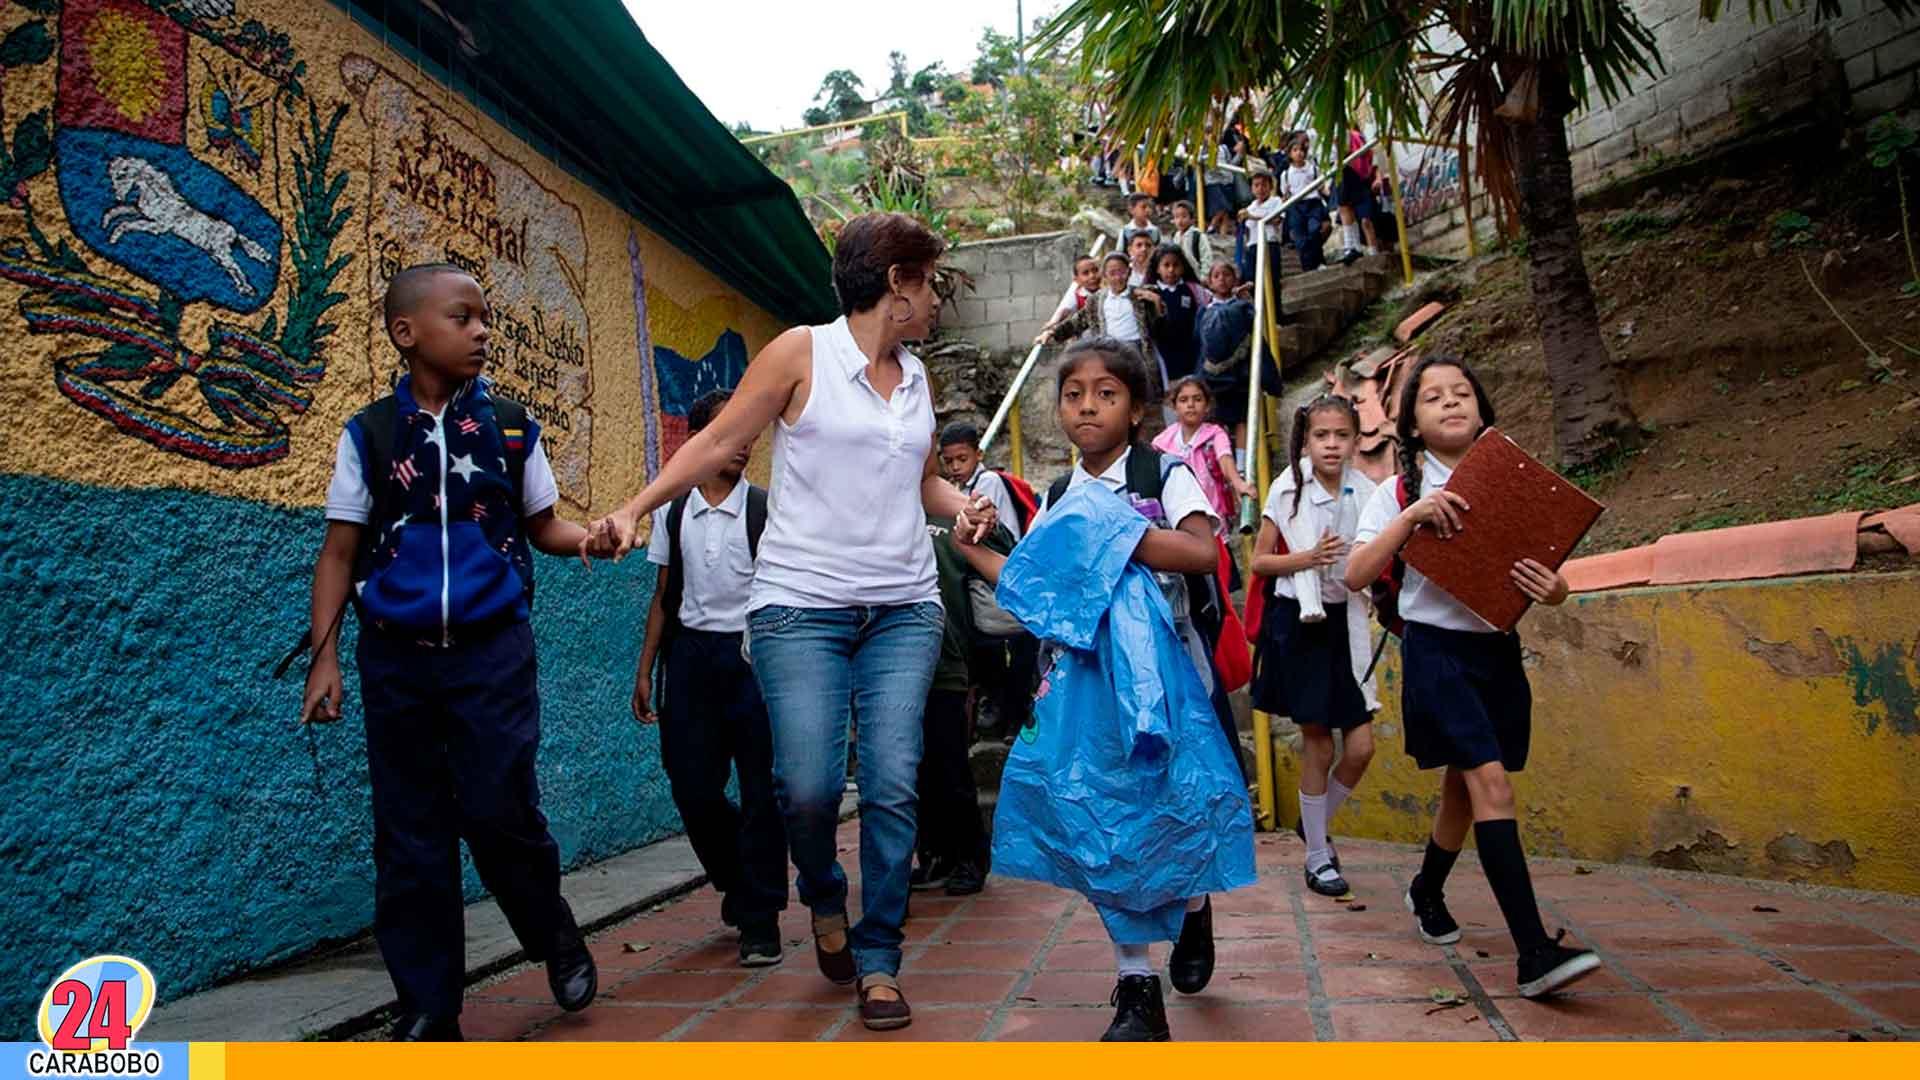 Noticias 24 Carabobo - Escuelas Públicas